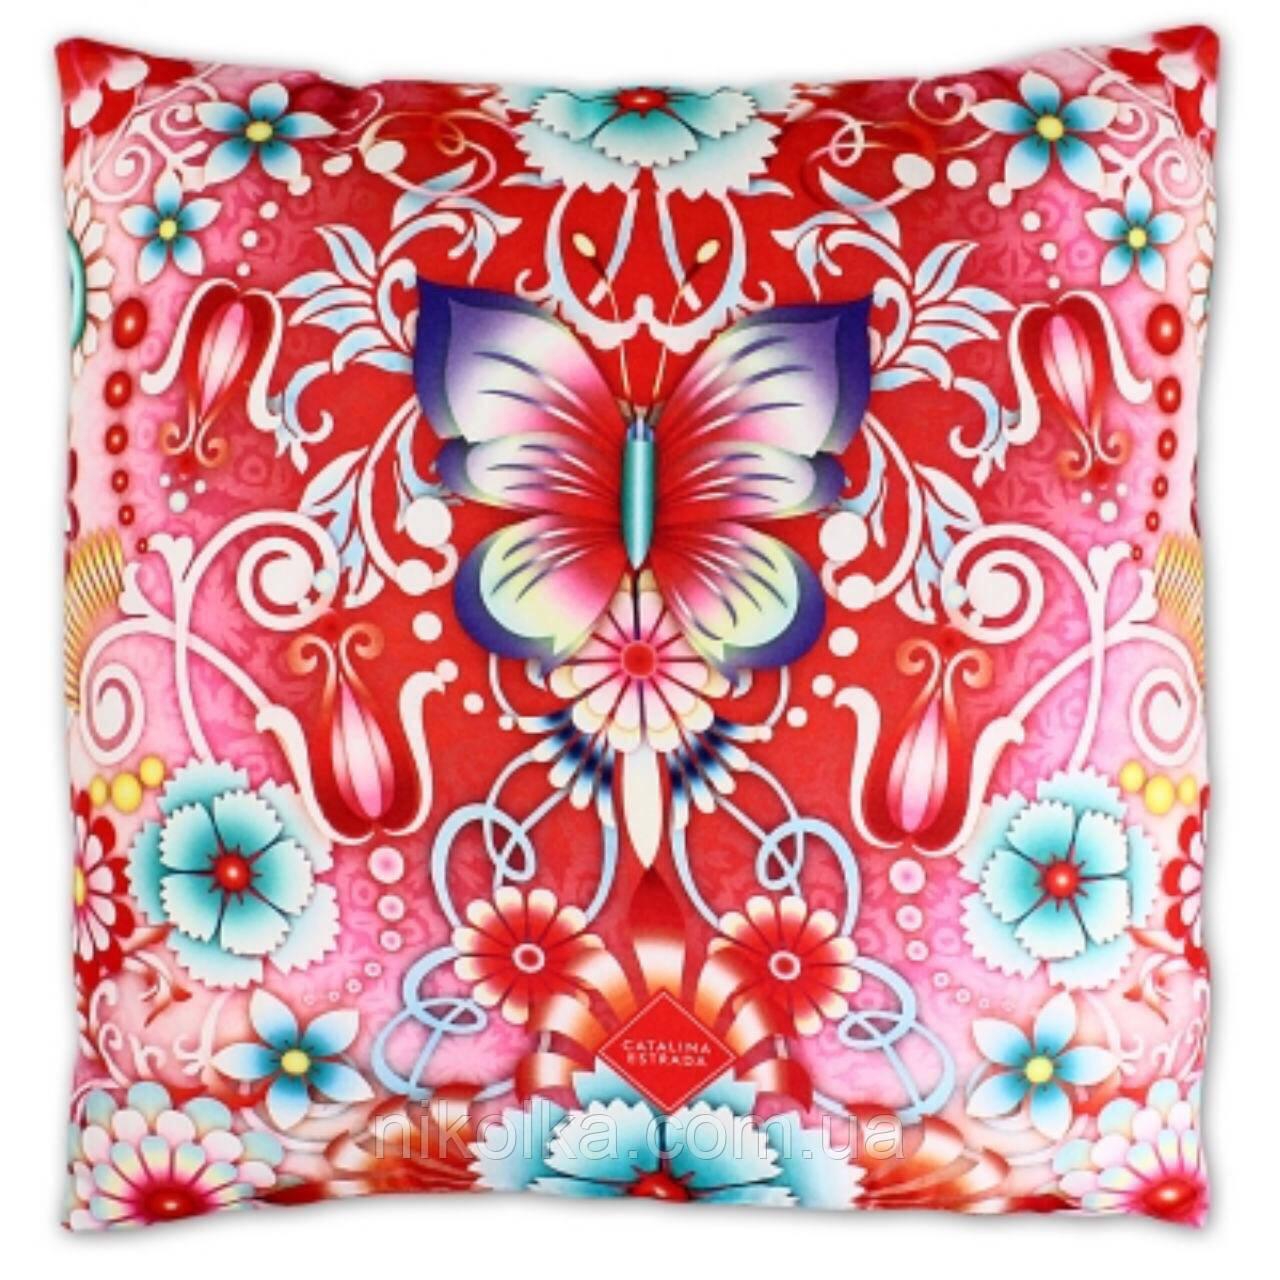 Подушка для девочек оптом, Disney, 40*40 см, арт. 610-058